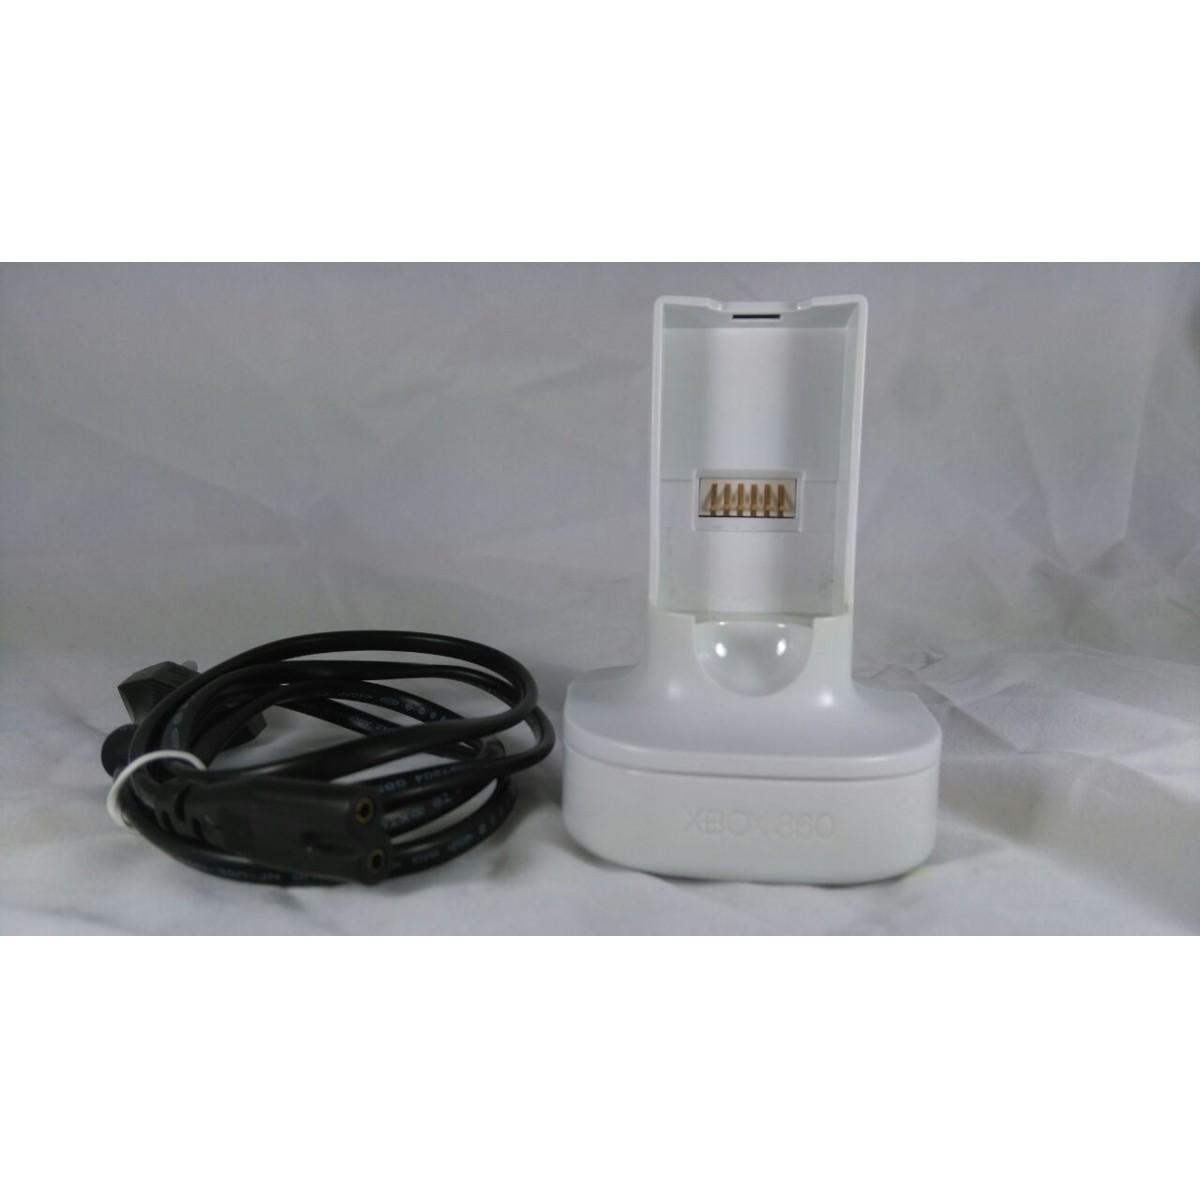 Carregador de baterias bi-volt Quick Charge Kit Xbox 360 Original Usado  - Place Games